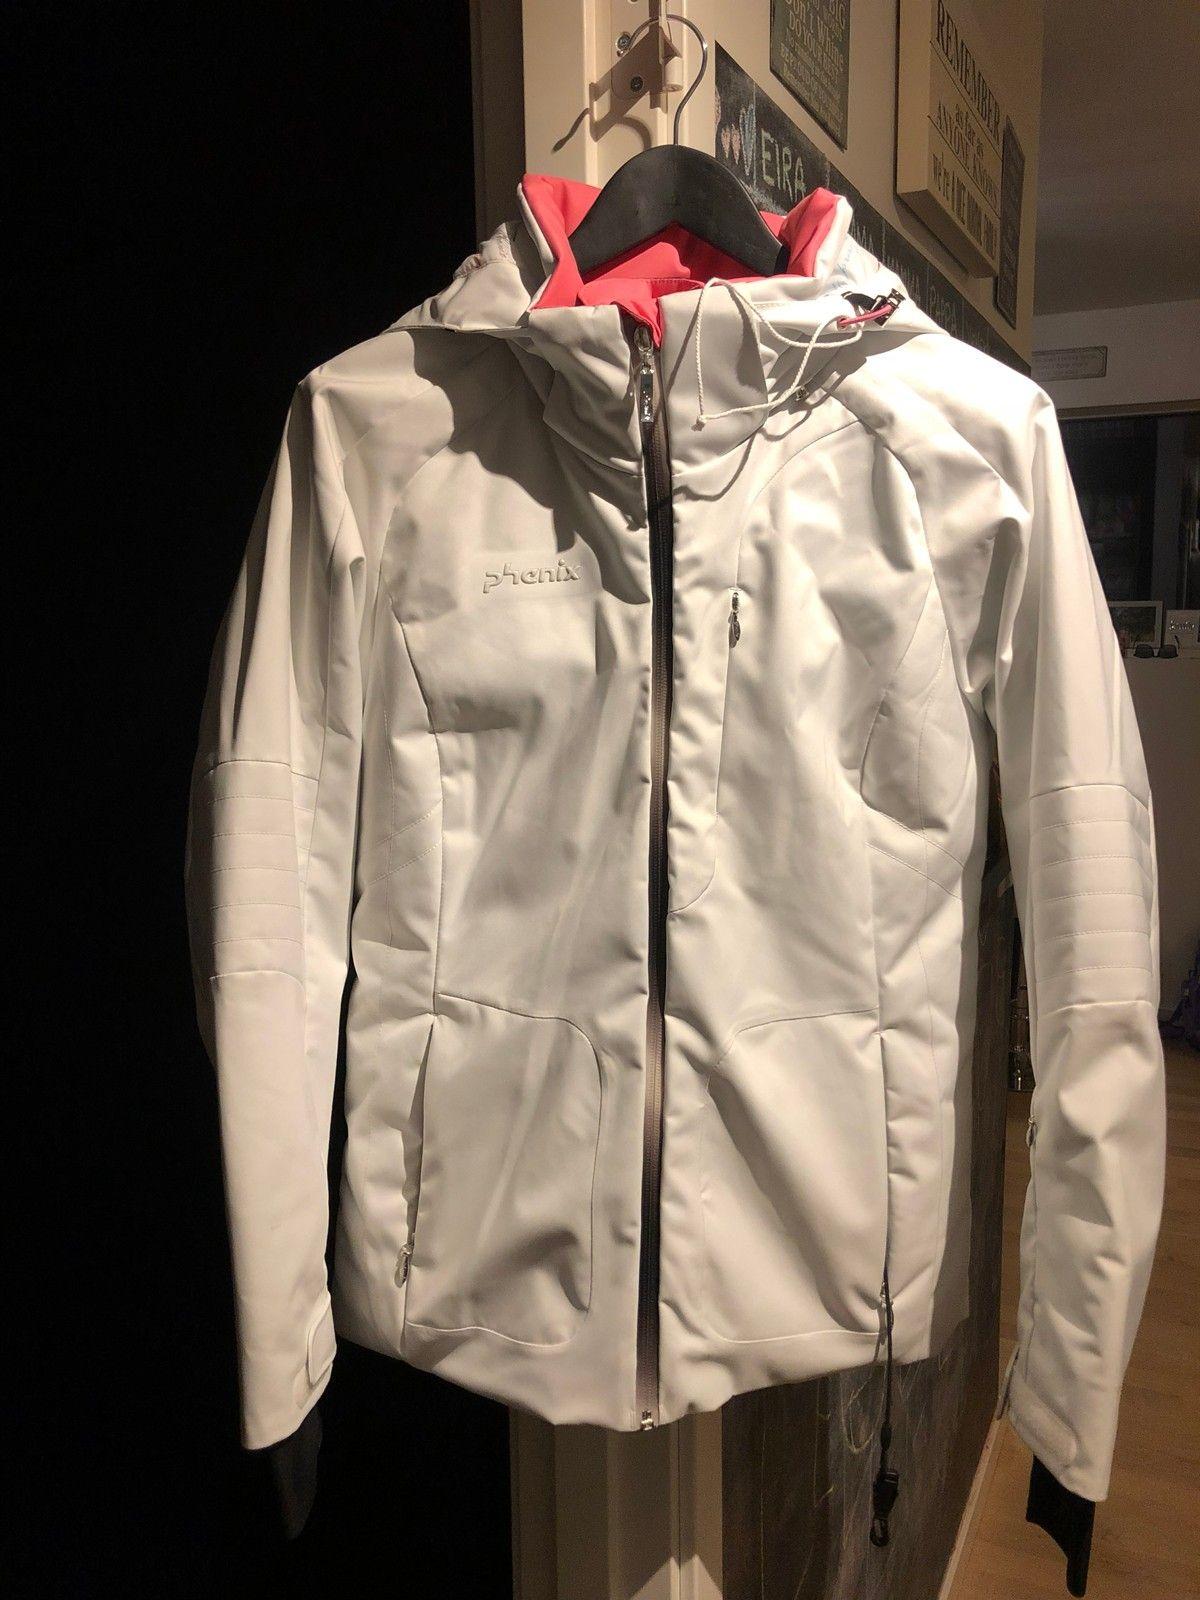 Seriøst Phenix jakke til dame | FINN.no QV-13